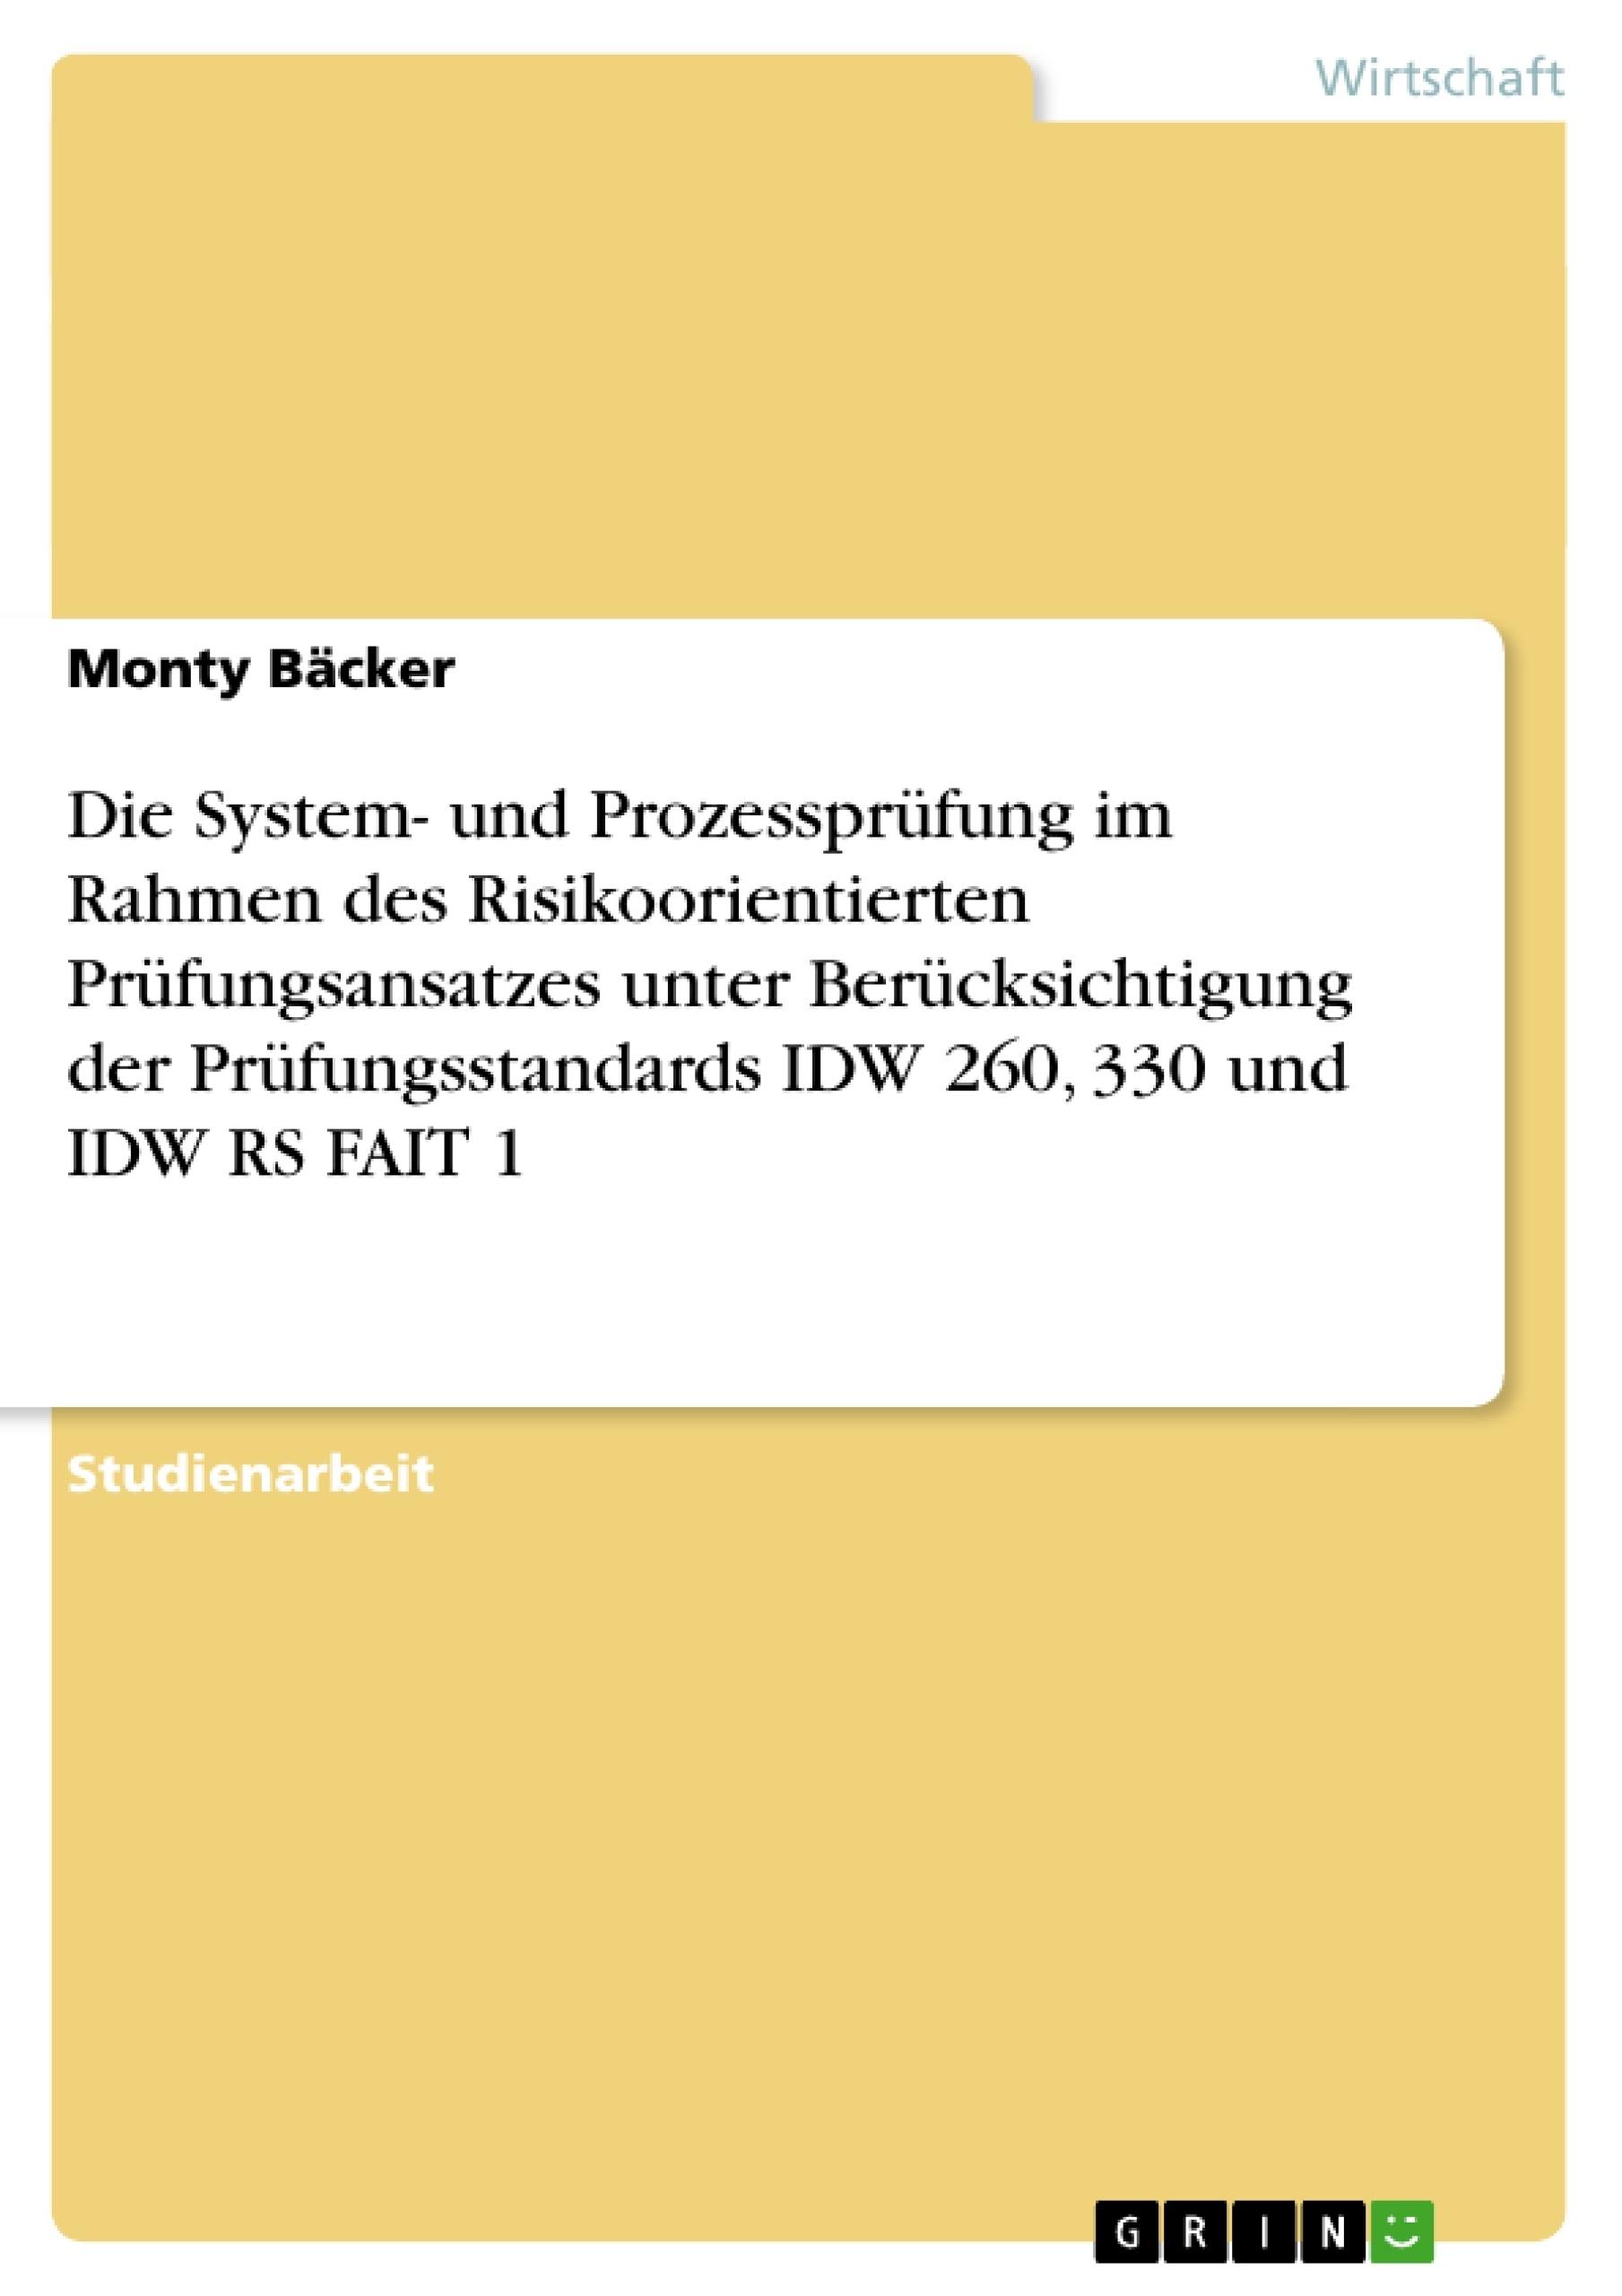 Titel: Die System- und Prozessprüfung im Rahmen des Risikoorientierten Prüfungsansatzes unter Berücksichtigung der Prüfungsstandards IDW 260, 330 und IDW RS FAIT 1